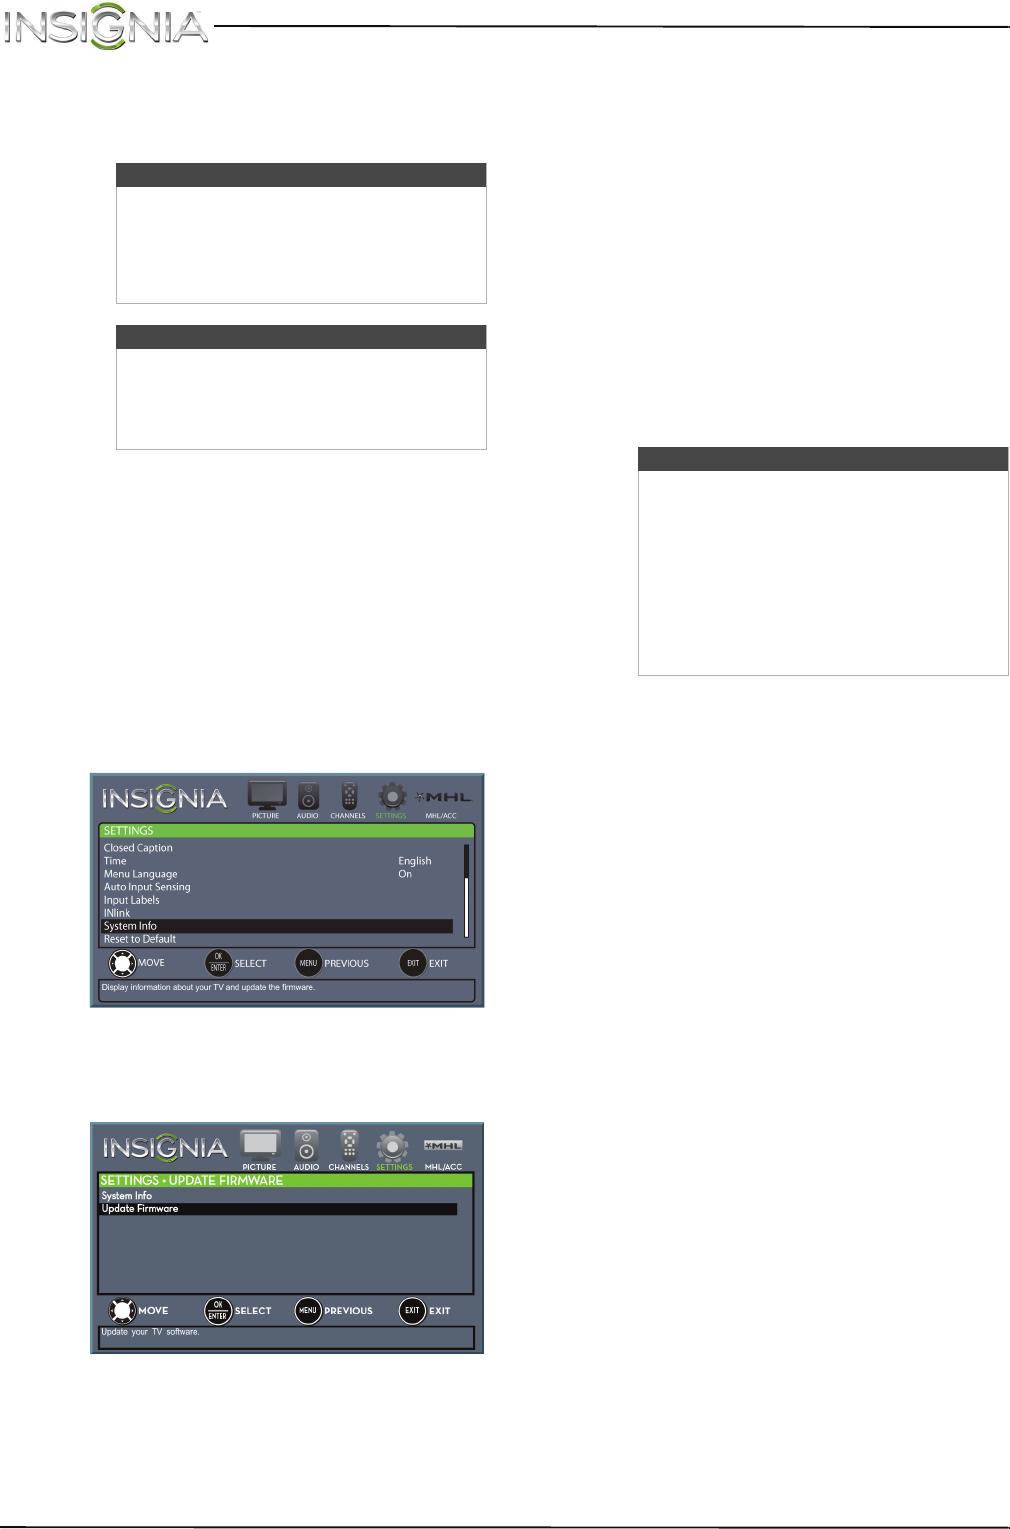 Insignia NS-42D510NA15 Update the TV firmware